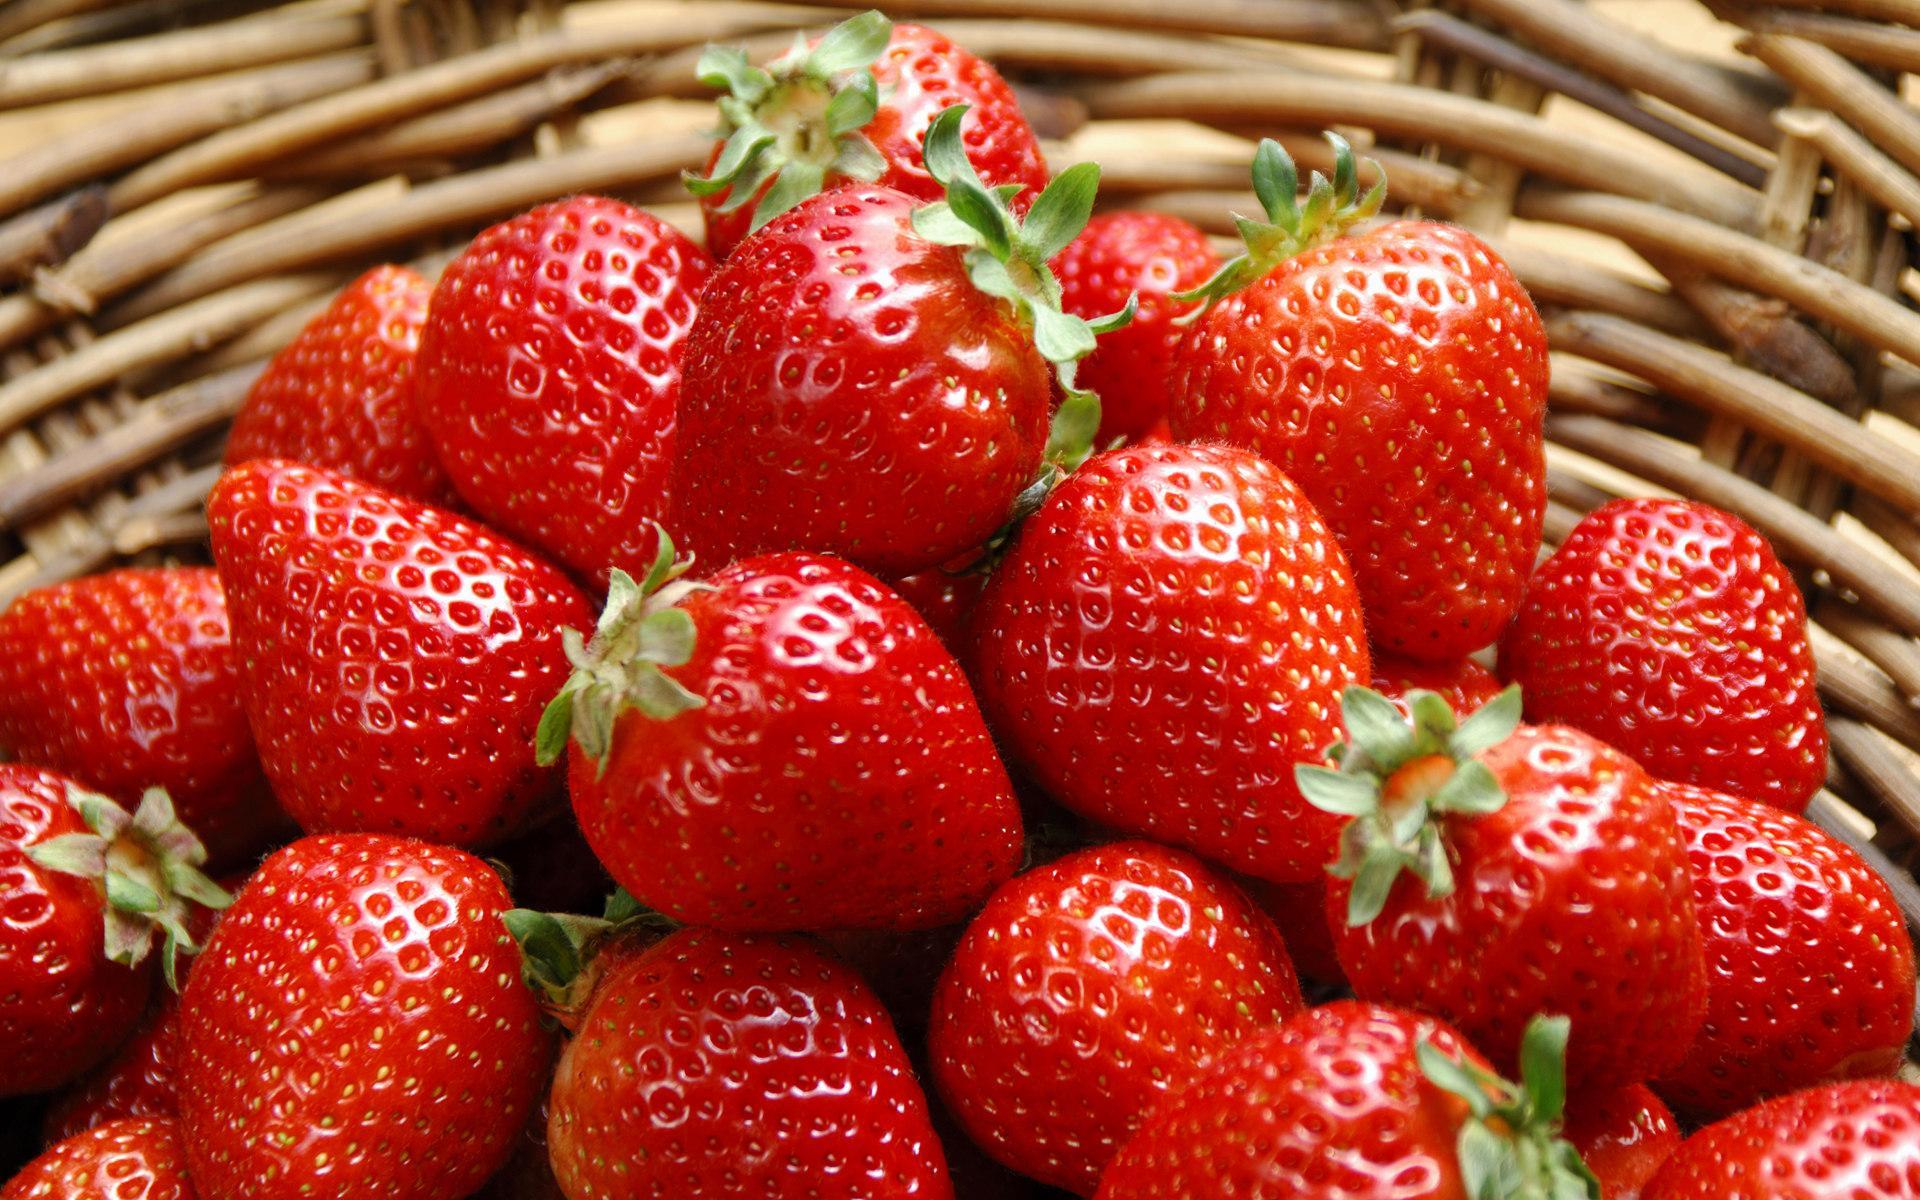 Клубника возглавила список продуктов с наибольшим содержимым пестицидов